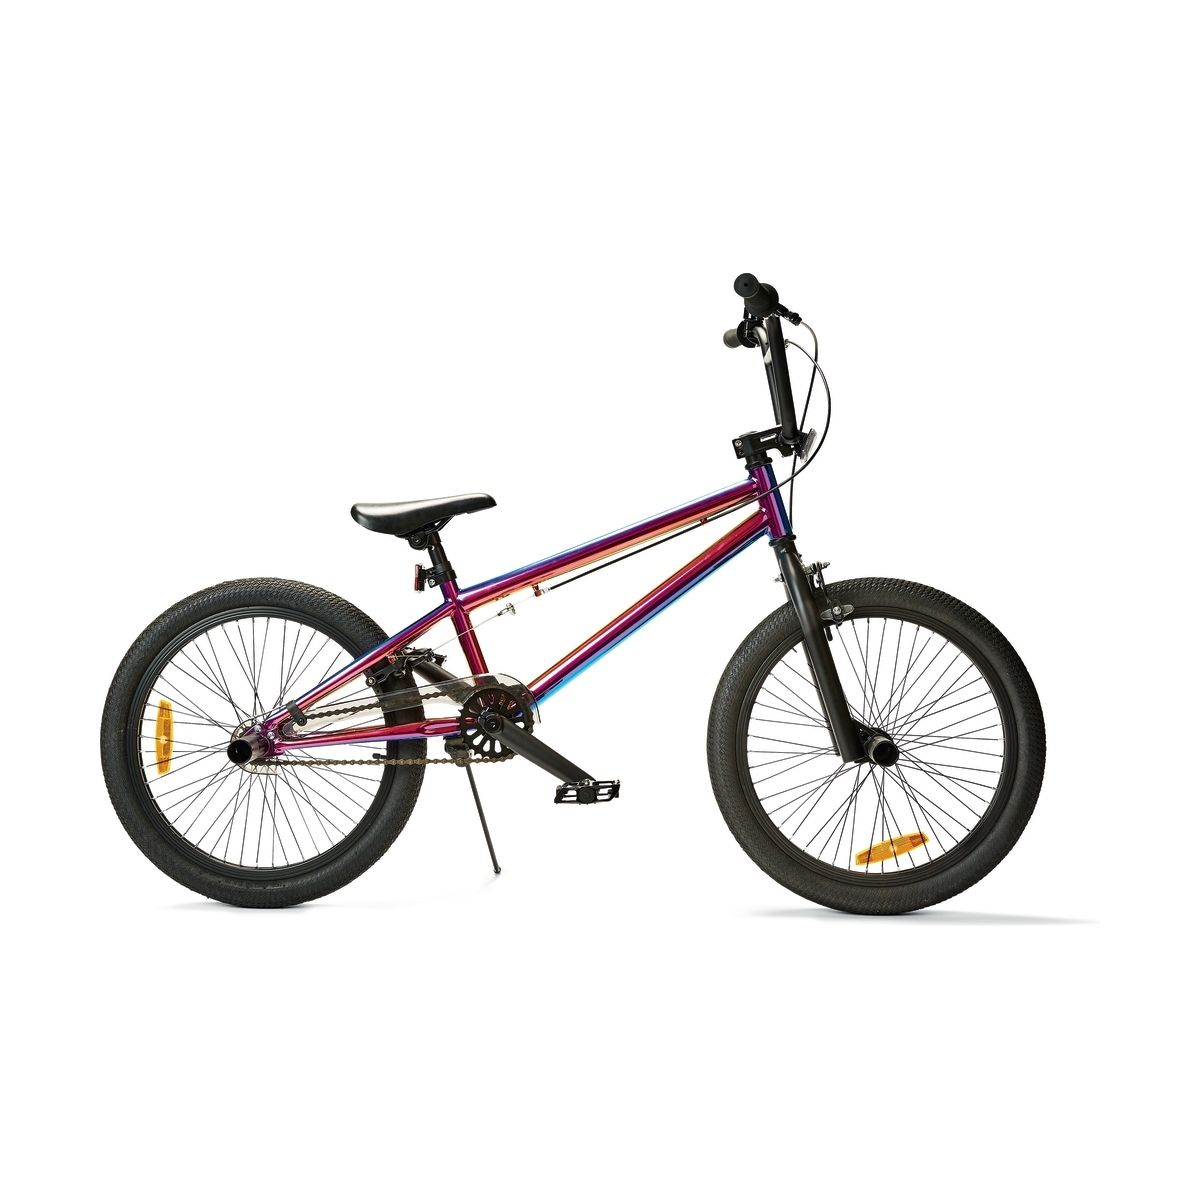 50cm Oil Slick Finish Bmx Bike Bmx Bikes Bmx Bike